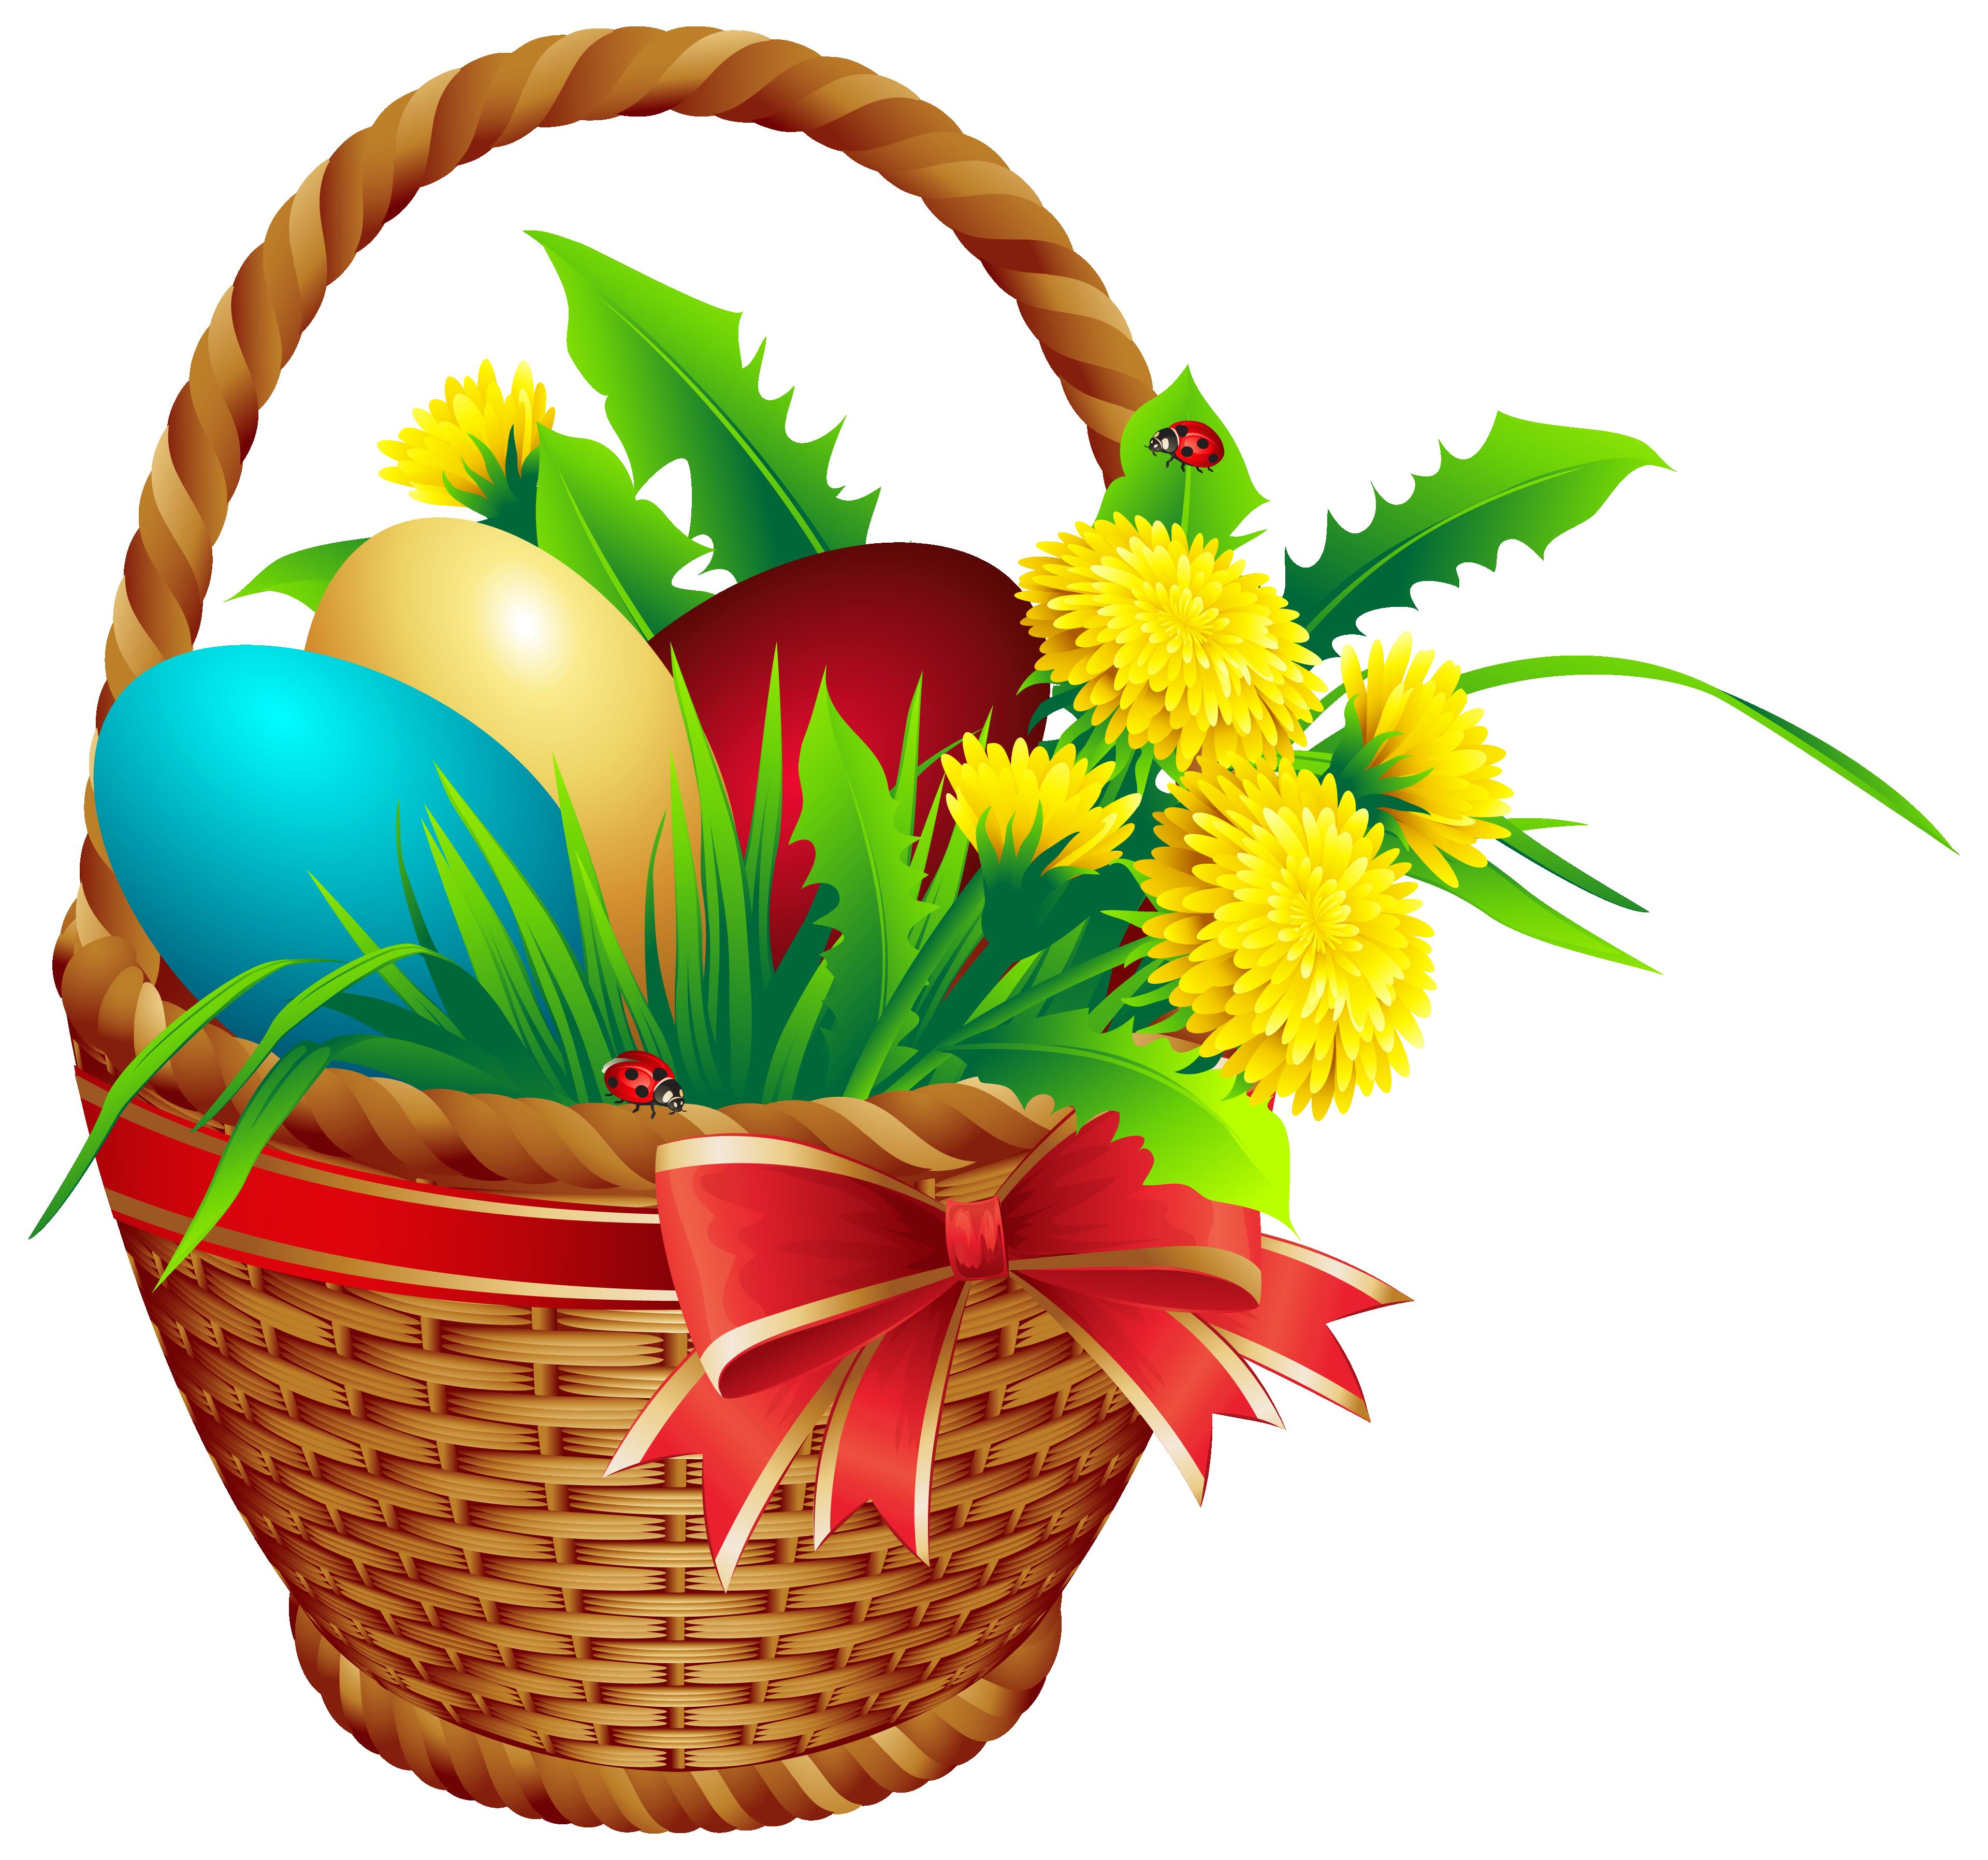 Art Basket Images : Easter basket png clip art image clipart best